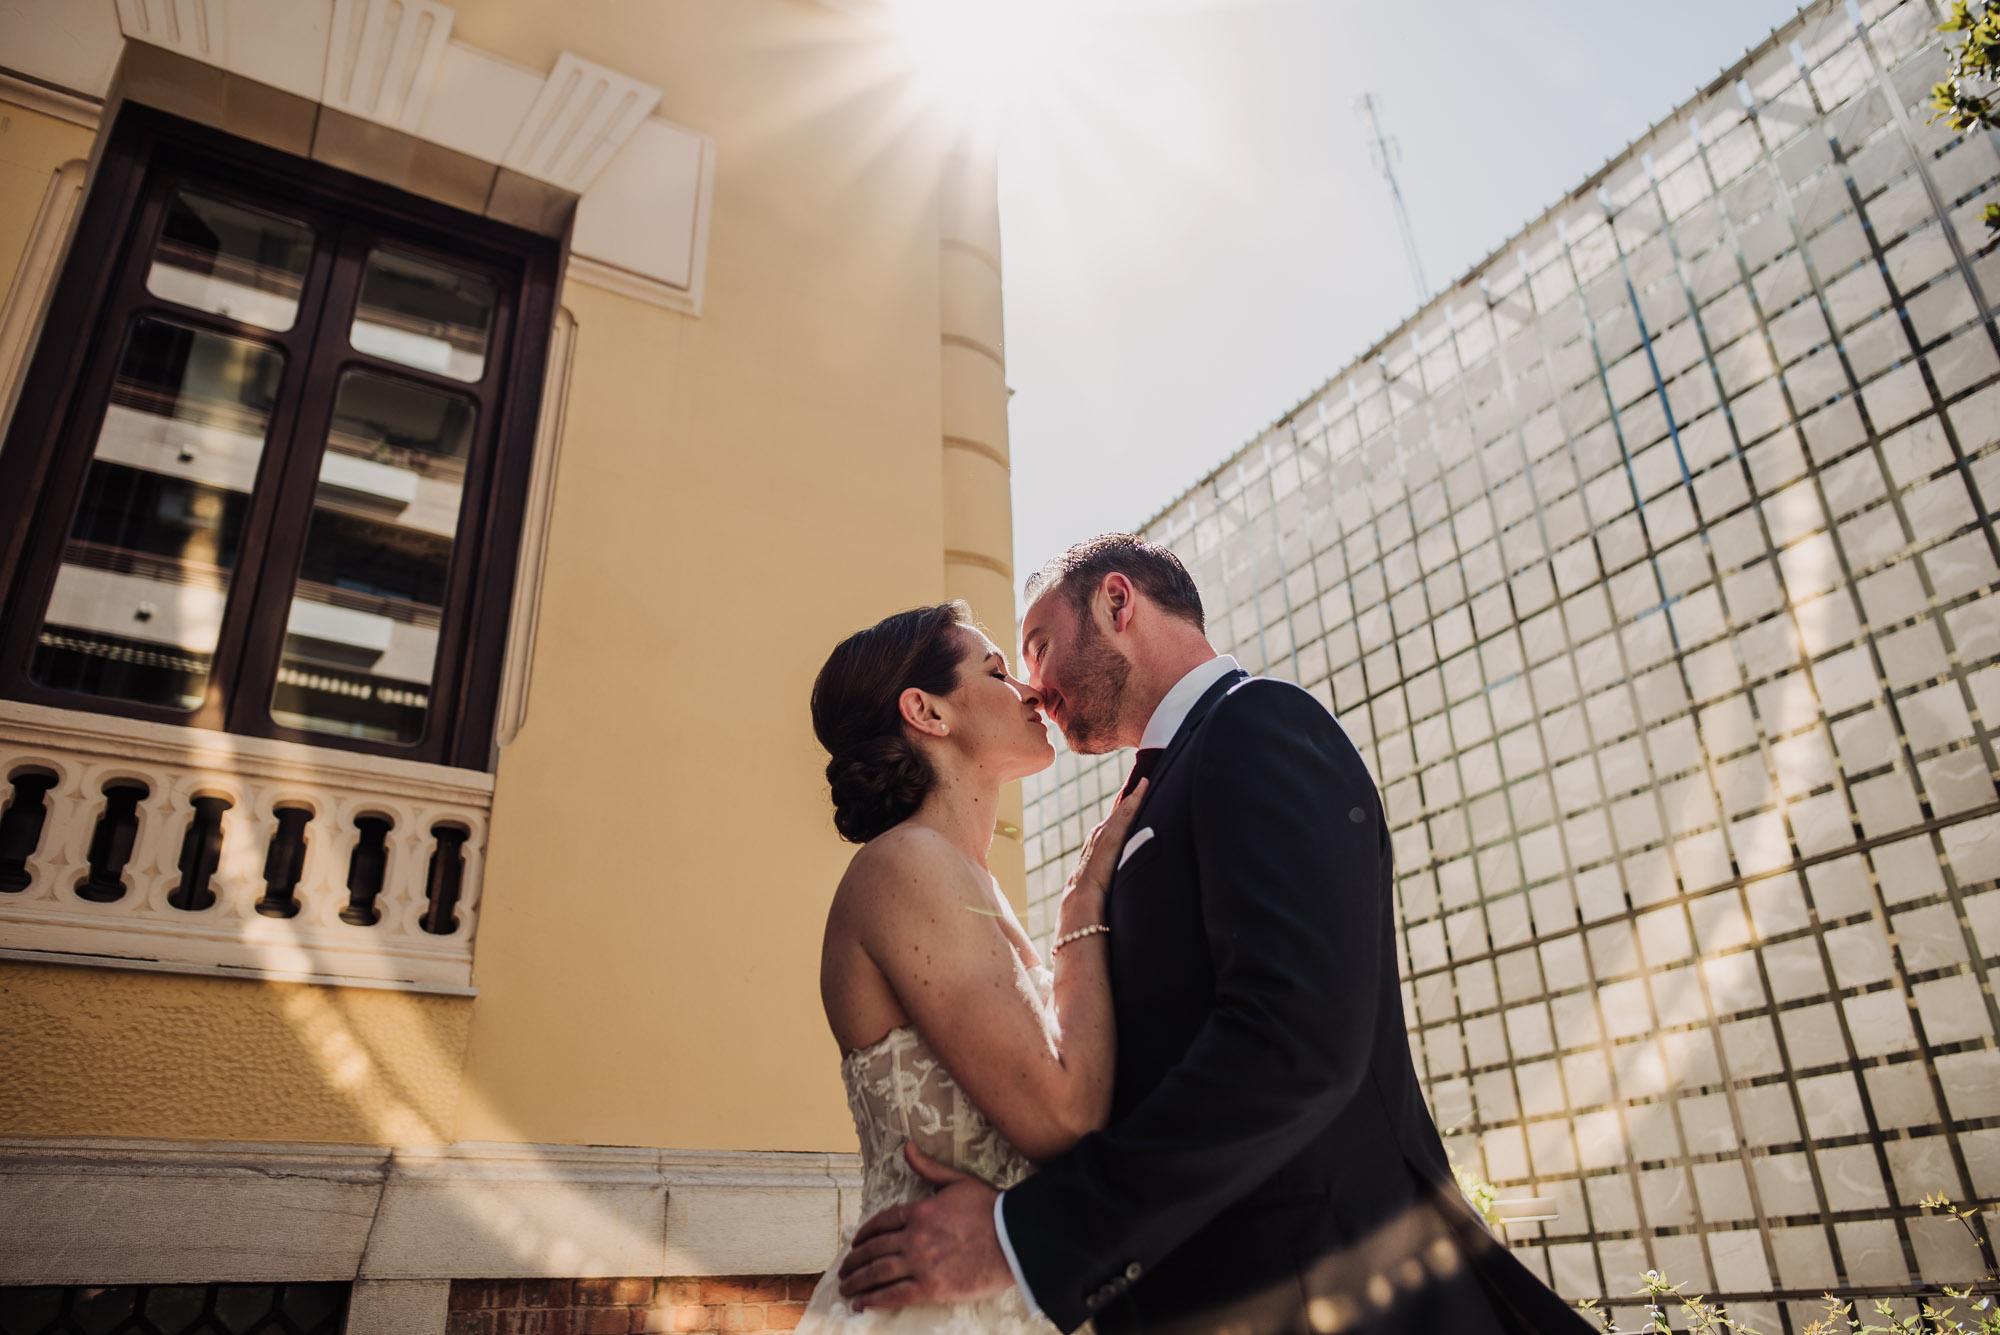 Boda en el Cortijo Alameda. Miriam y Hanno. Fotografías de boda en el Cortijo Alameda. Por Fran Menez Fotografo Destacada